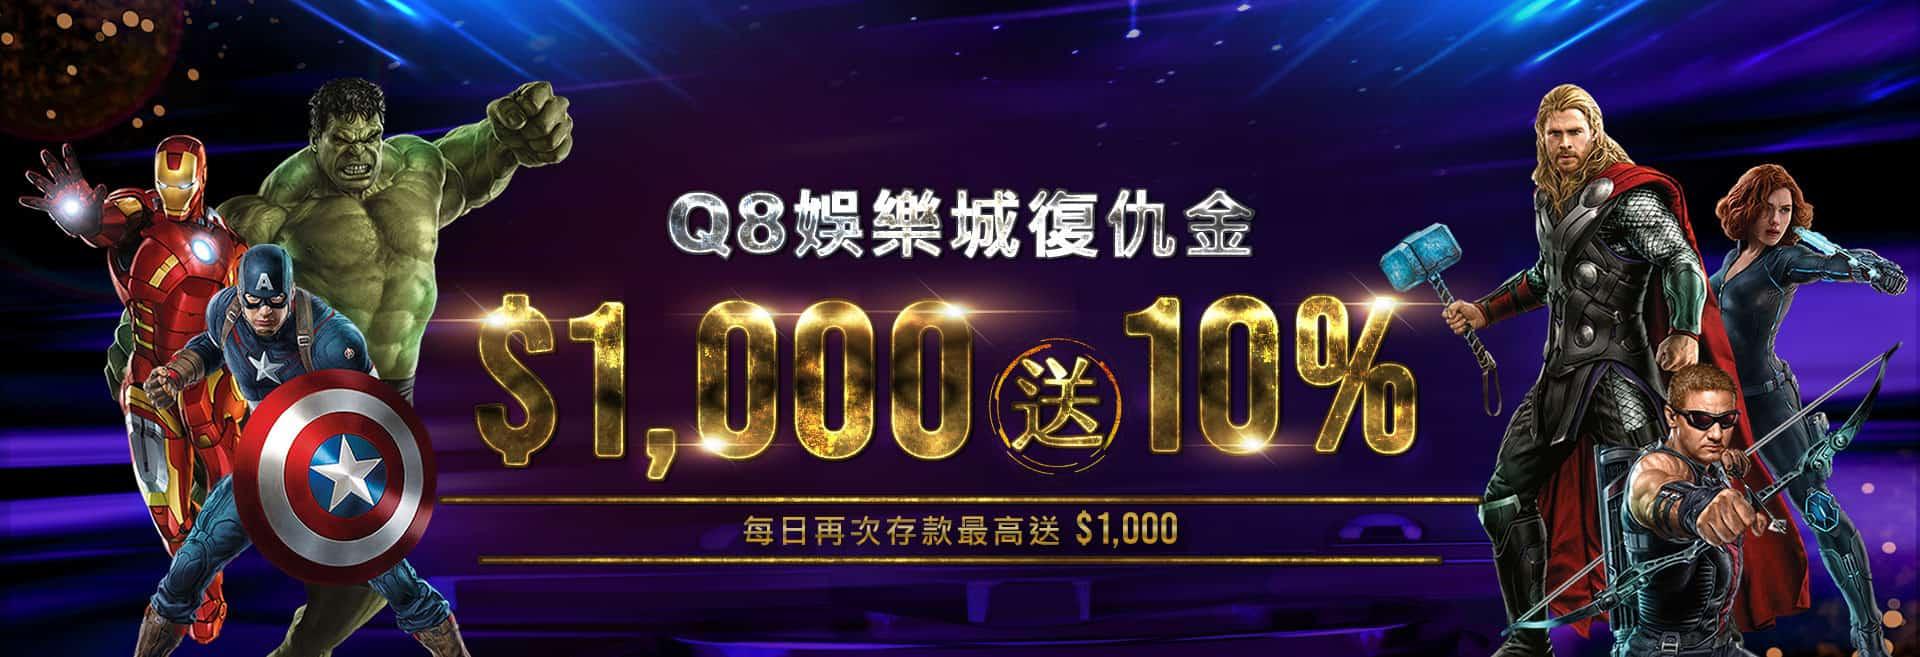 翻本金-Q8娛樂